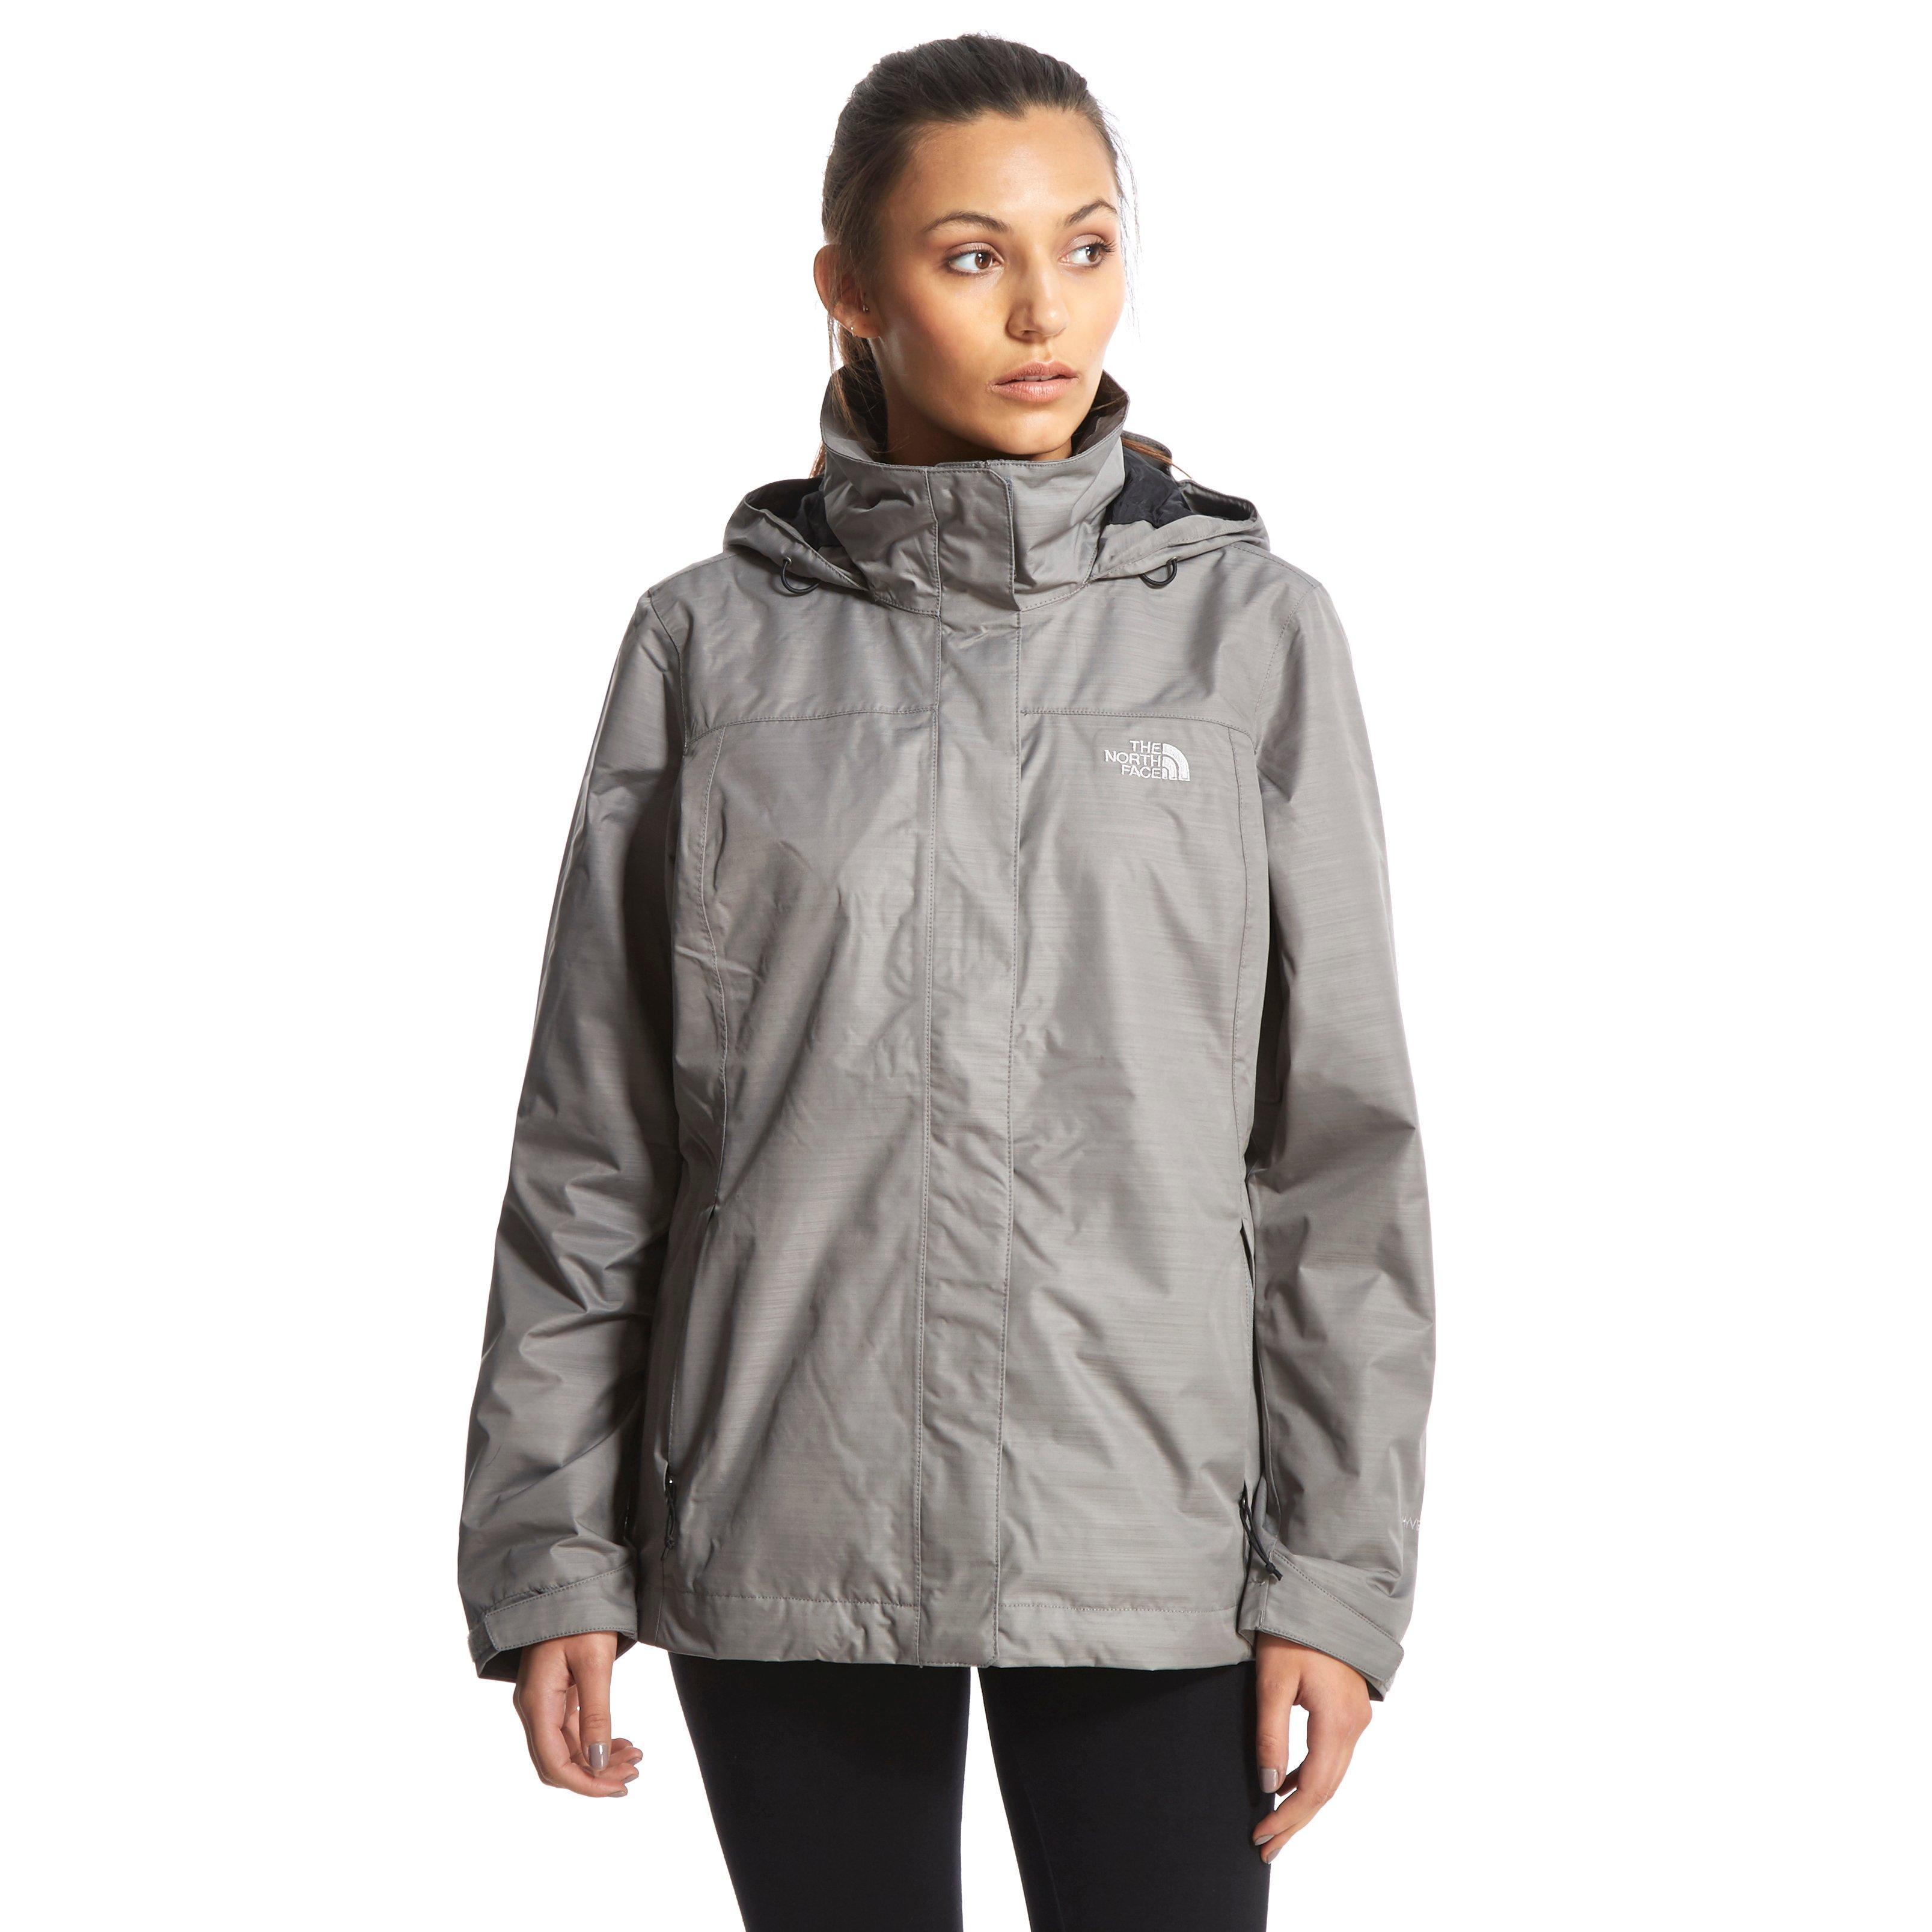 North face waterproof jacket women